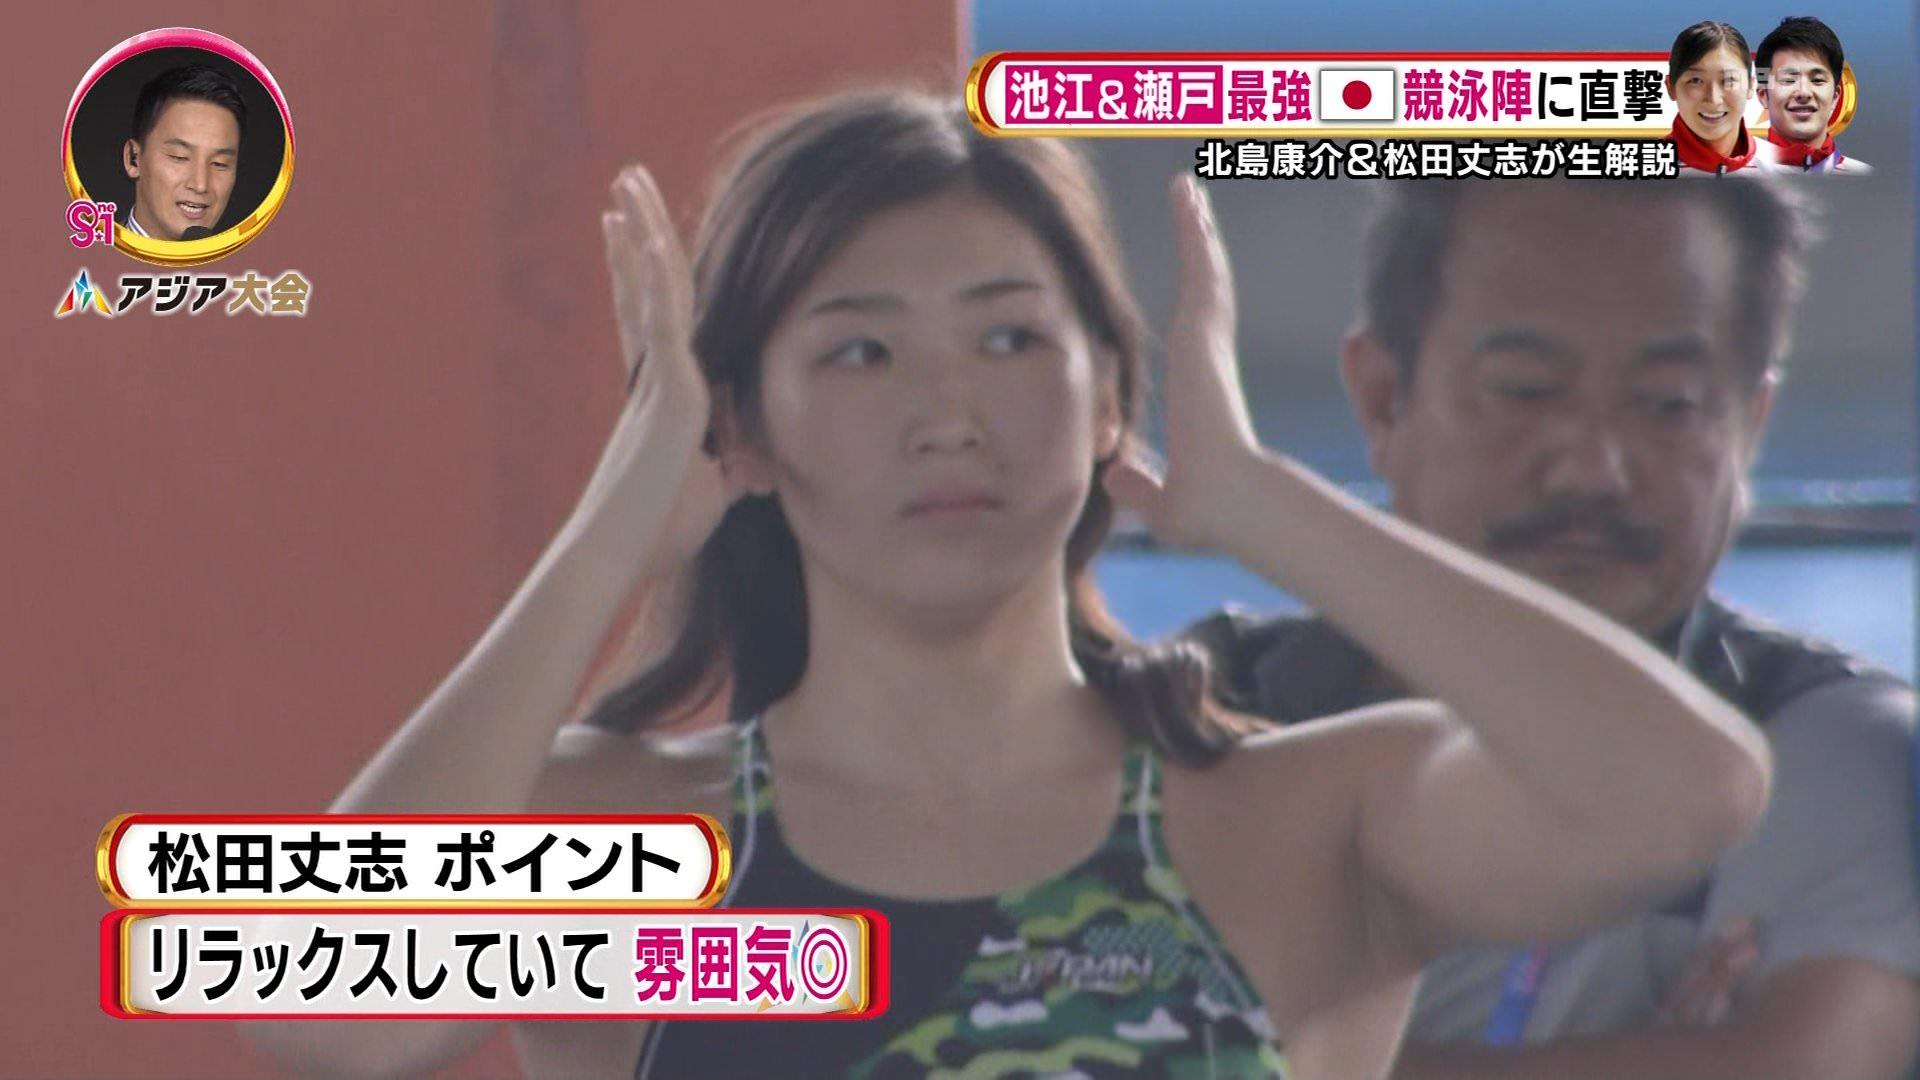 池江璃花子とかいう実力と見た目の両方で金メダルの選手www